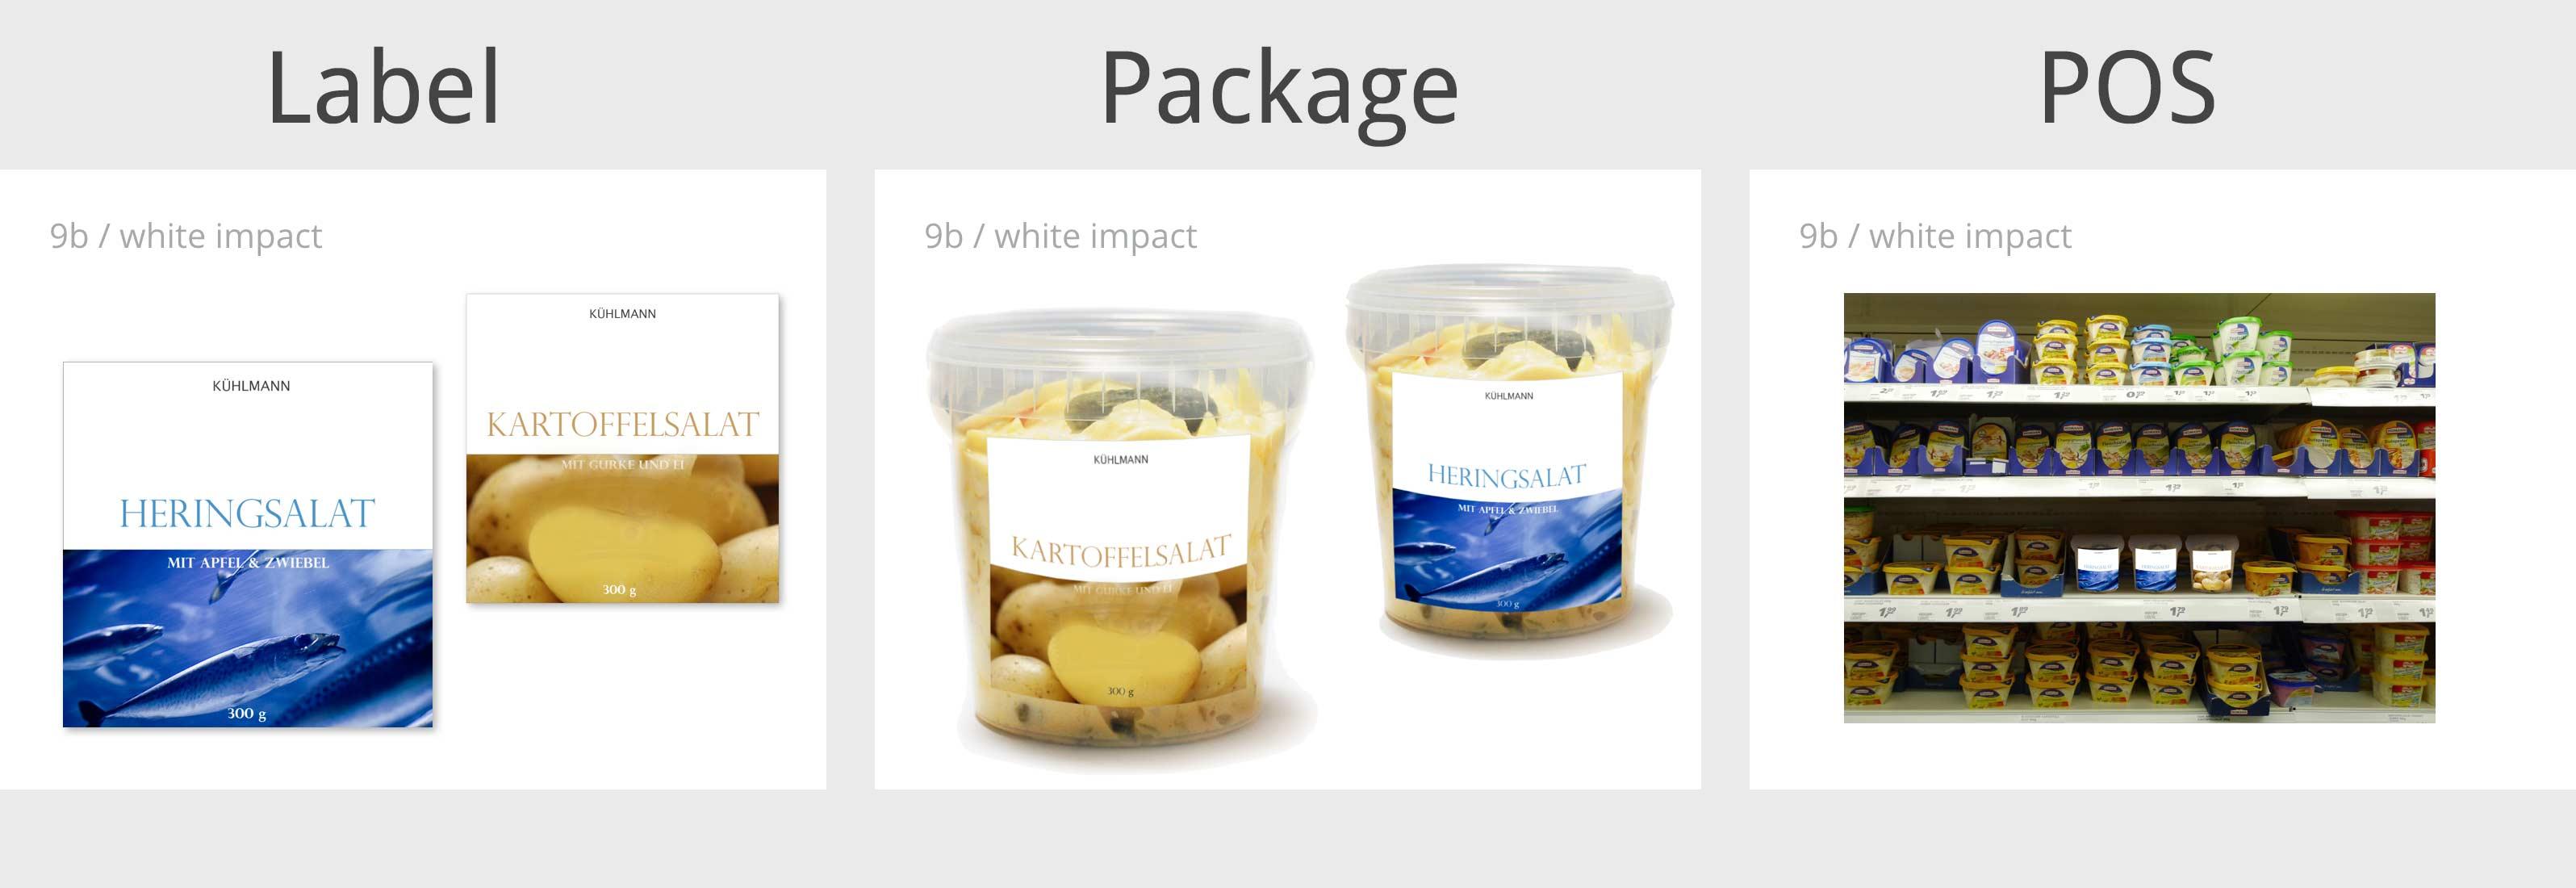 Verpackungsgestaltung